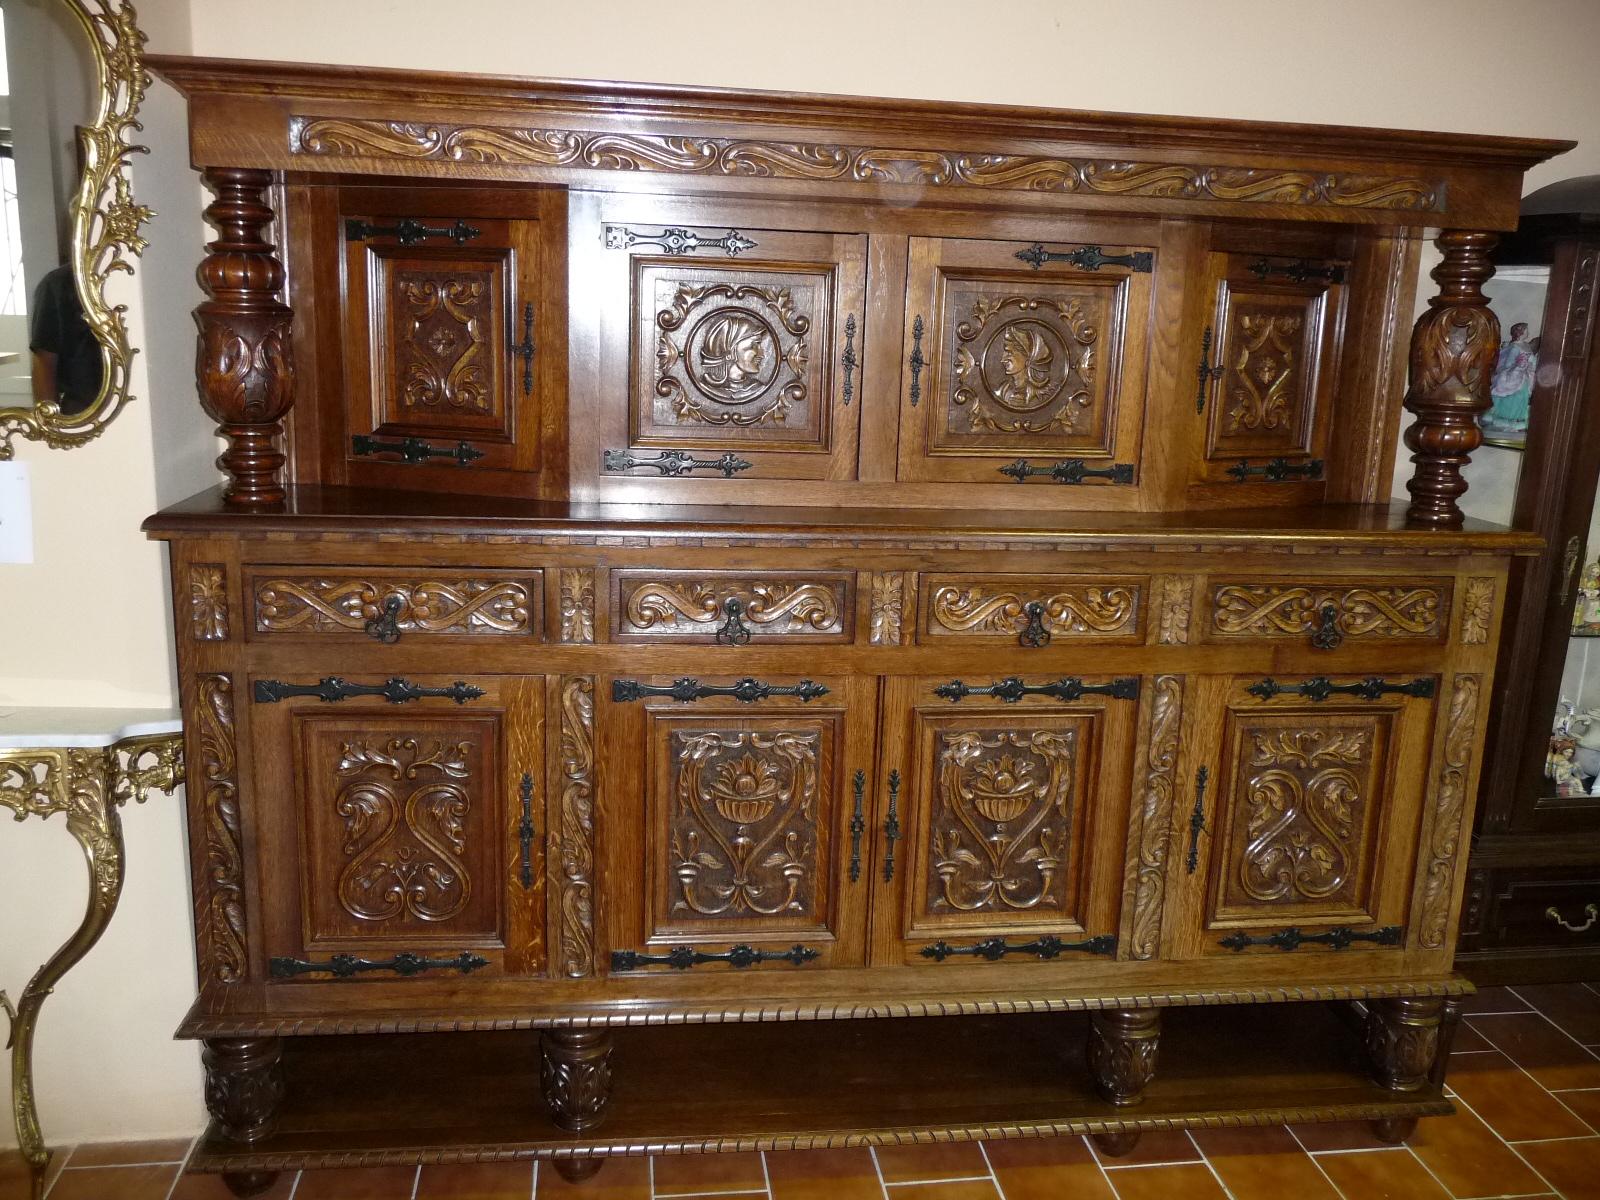 Verkauf von Alt- und Stilmöbeln